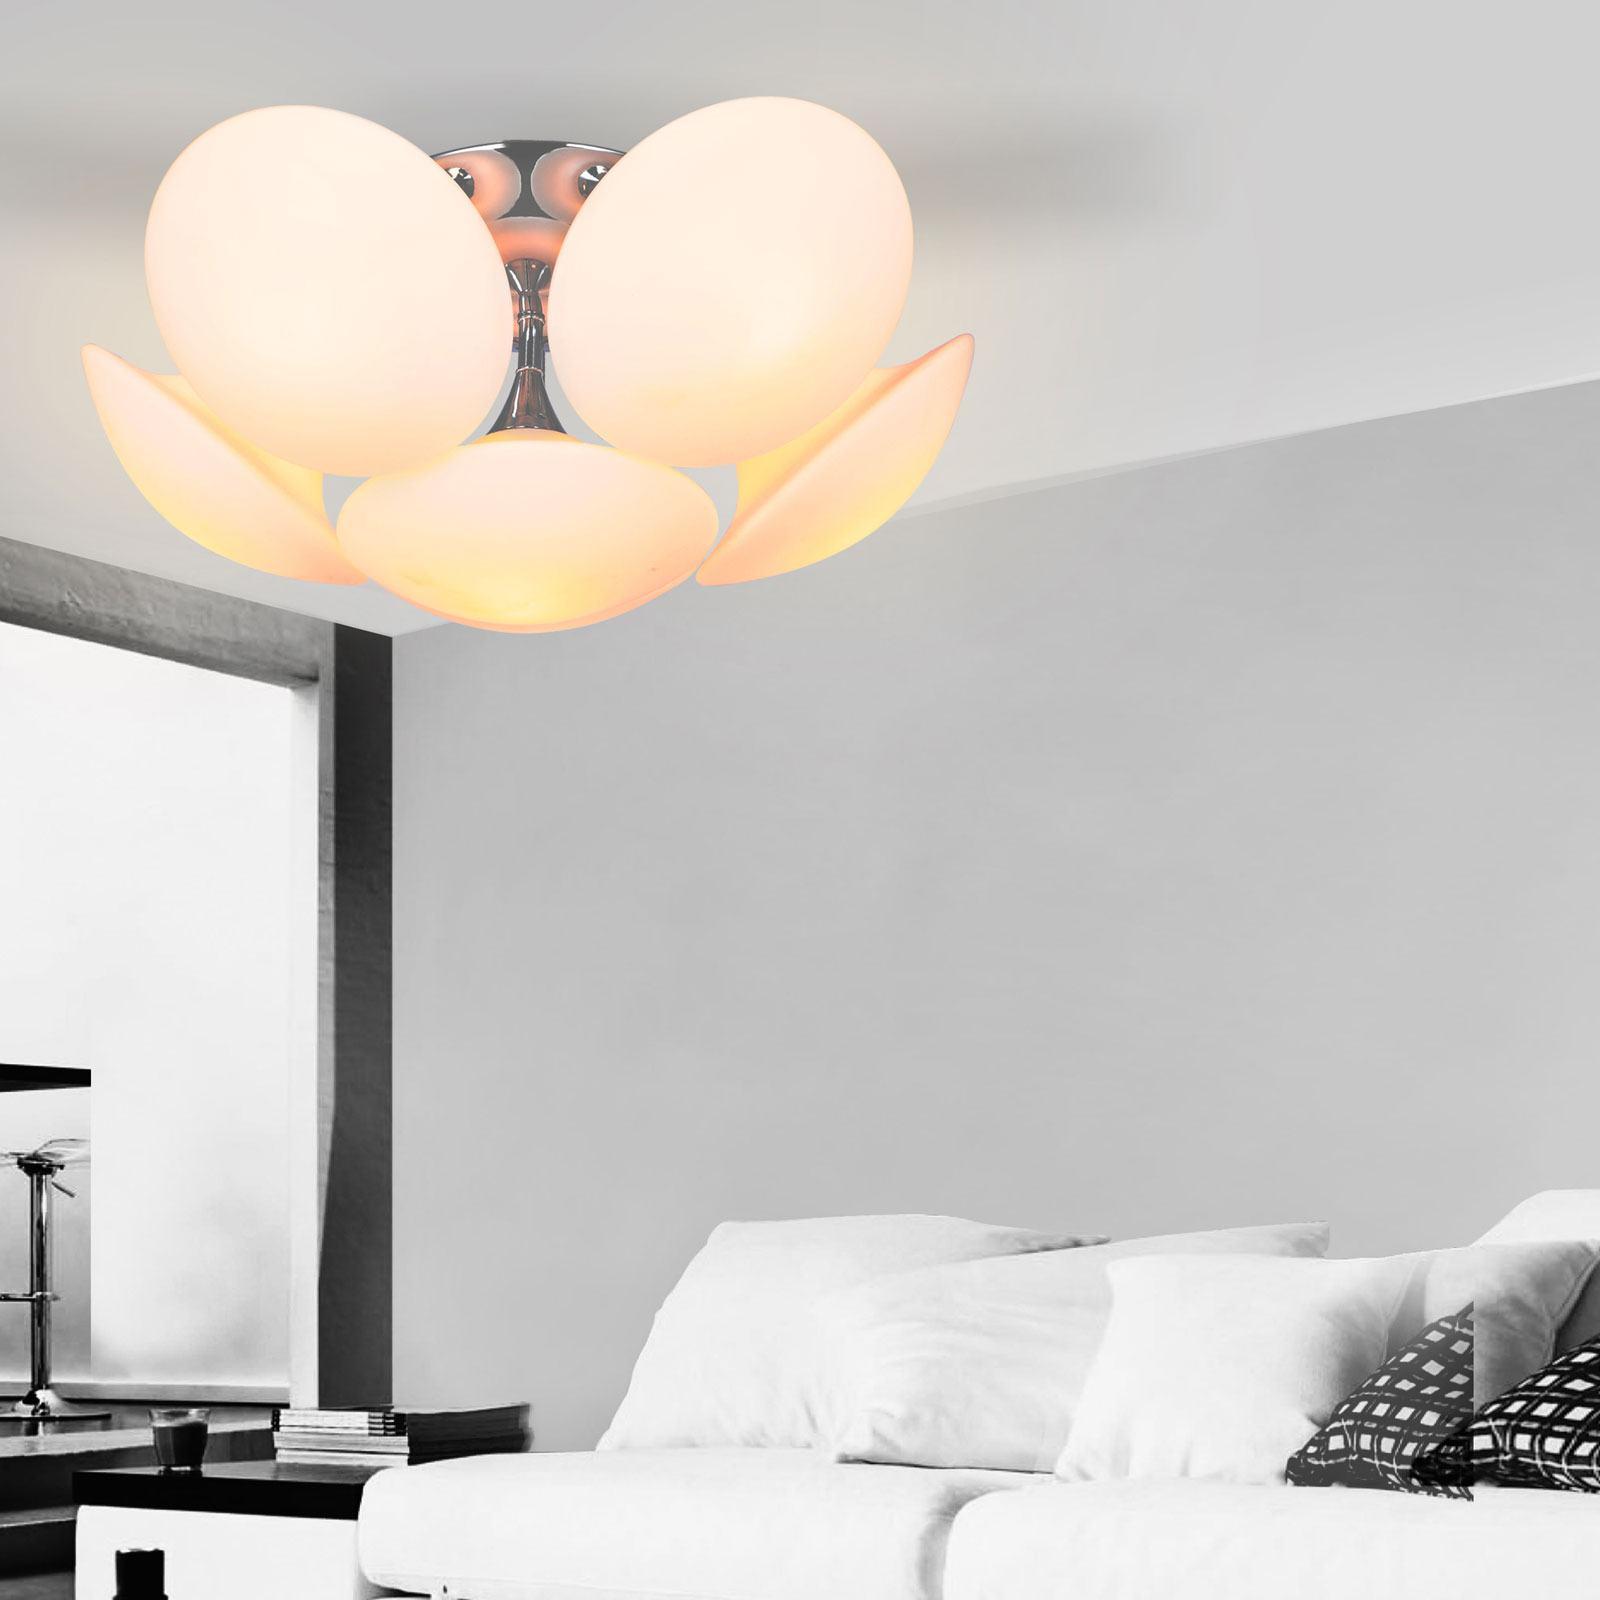 Full Size of Design Led Deckenlampe 6 Falmmig Deckenleuchte Wohnzimmer Glas Vorhänge Tapete Vinylboden Gardinen Für Decke Landhausstil Kunstleder Sofa Weiß Lampe Küche Wohnzimmer Deckenlampe Led Wohnzimmer